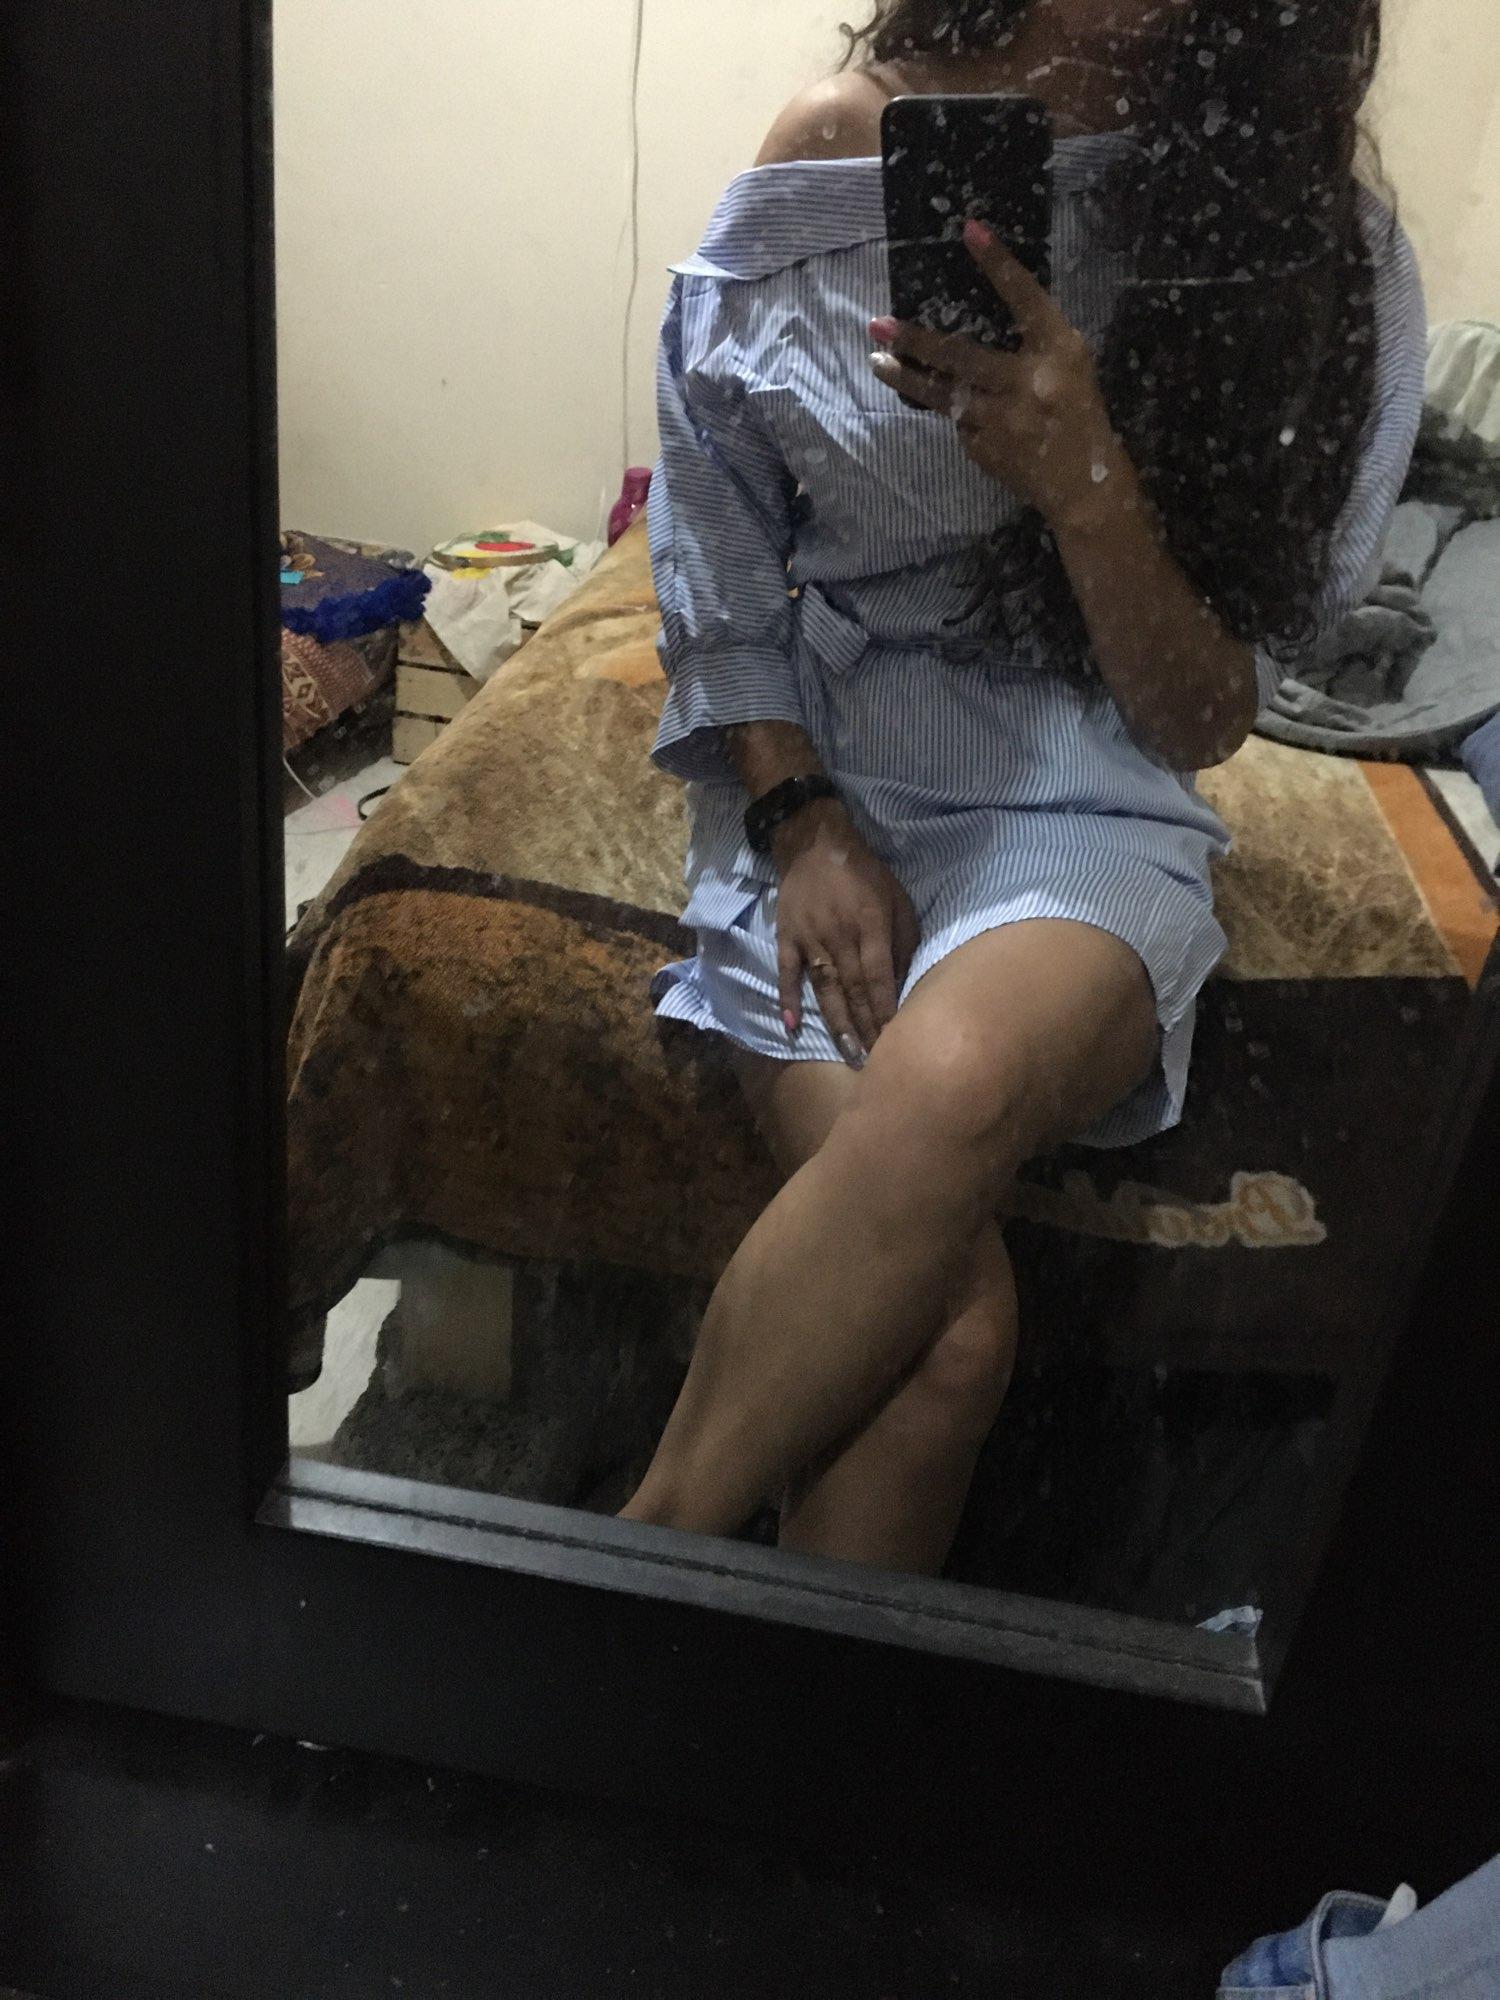 Summer Women Dress Blue Striped Shirt Short Dress Mini Sexy Side Split Half Sleeve Beach Dresses 2019 Plus Size Sundress 3XL beach dress short dresssummer women - AliExpress